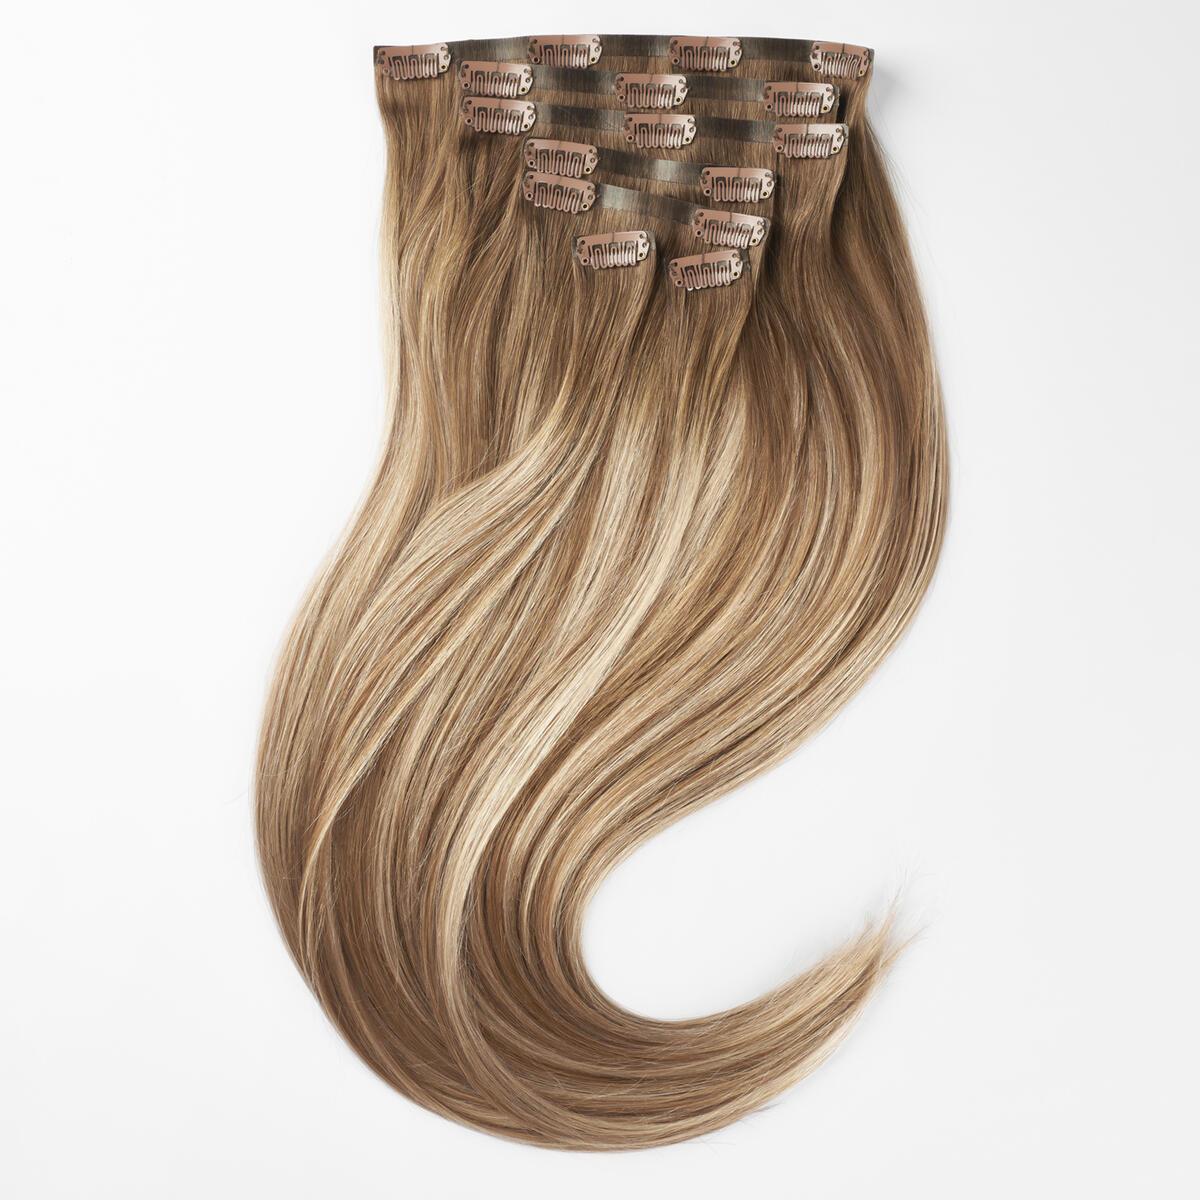 Sleek Clip-on set 7 pieces B5.1/7.3 Brown Ash Blonde Balayage 50 cm